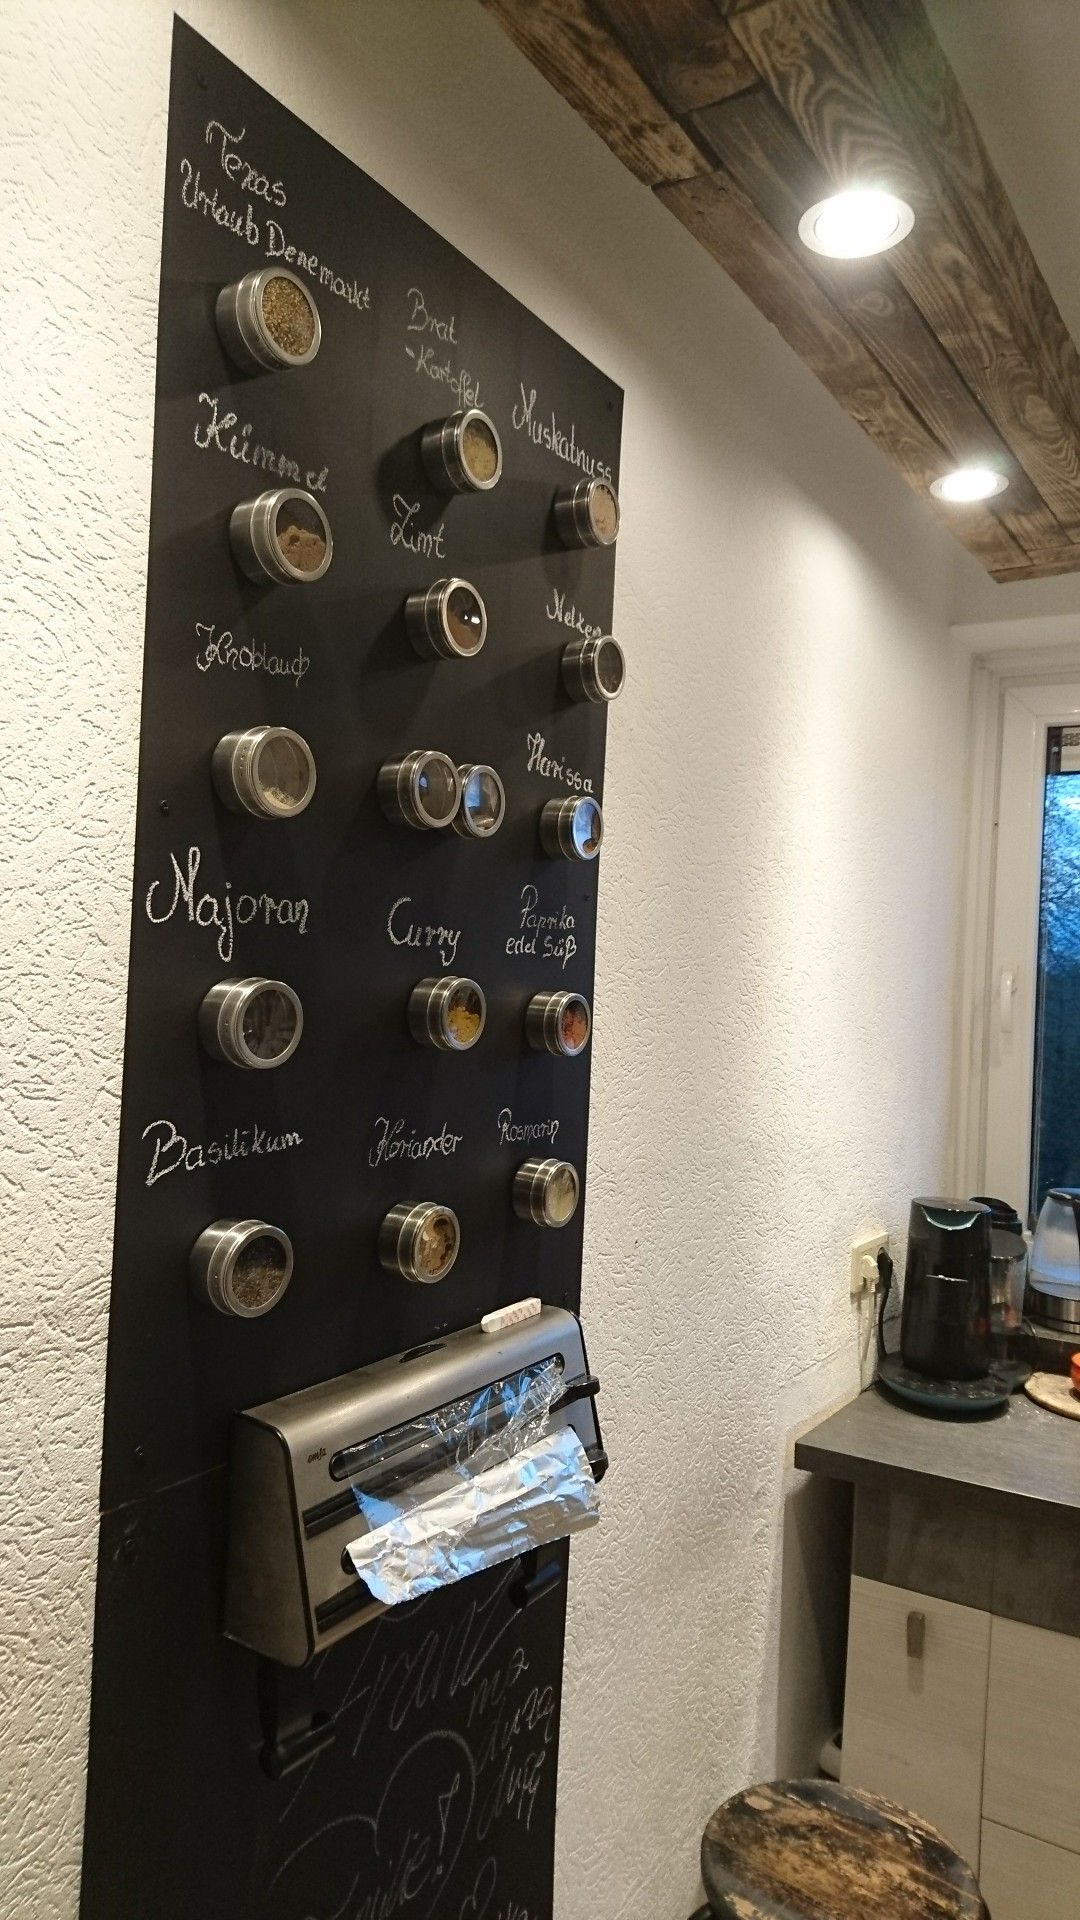 Full Size of Magnetwand Küche Magnet Tafel Gewrz Wand Kche Hängeschrank Höhe Edelstahlküche Gebraucht Vorhang Teppich Für Arbeitstisch Möbelgriffe Ohne Geräte Wohnzimmer Magnetwand Küche